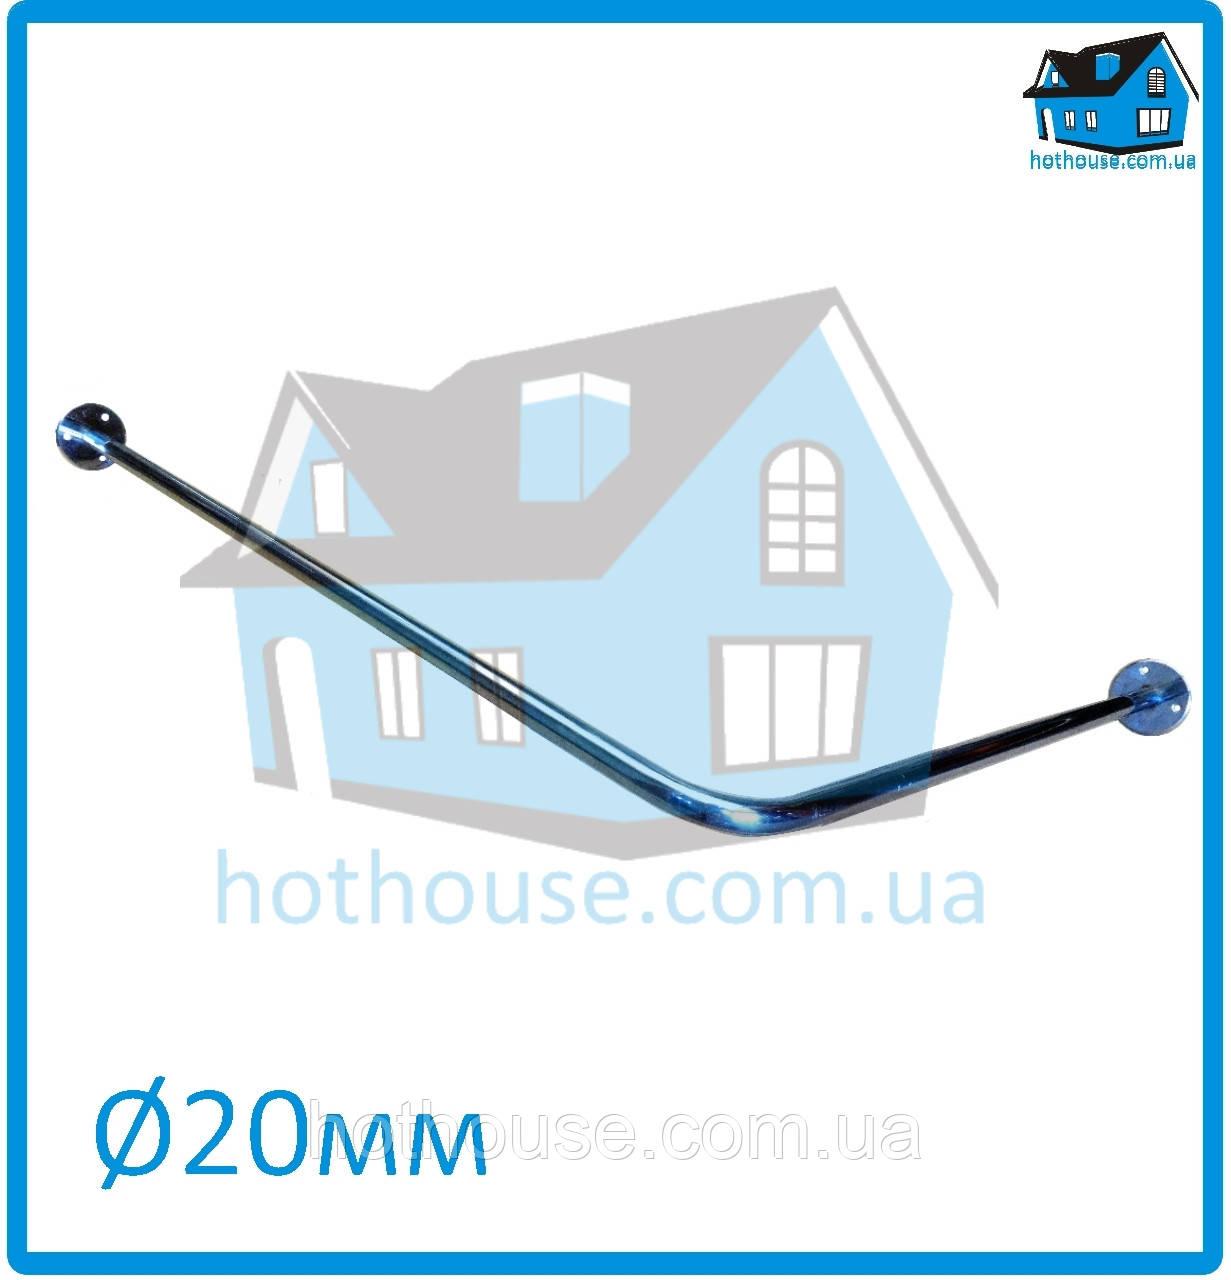 Карниз нержавейка угловой (90°) 90*90 для шторы (ванная, душ)